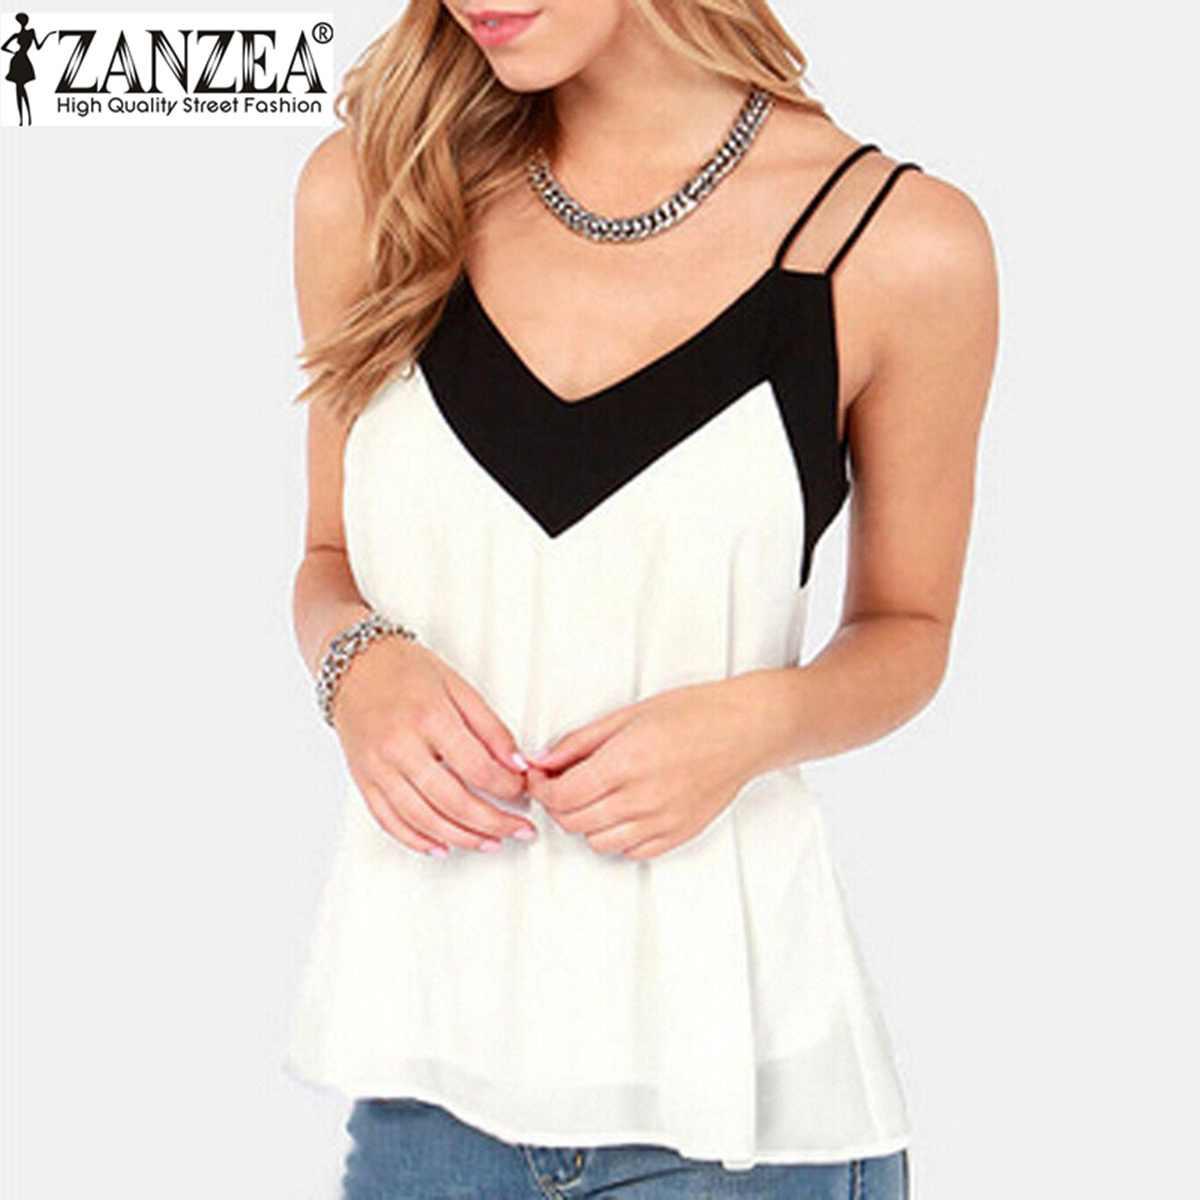 d7f344eea 2019 estilo de verano chaleco Top mujer cuello en V sin mangas Halter blusa  camisa Sexy Casual suelta Blusas de gasa talla grande